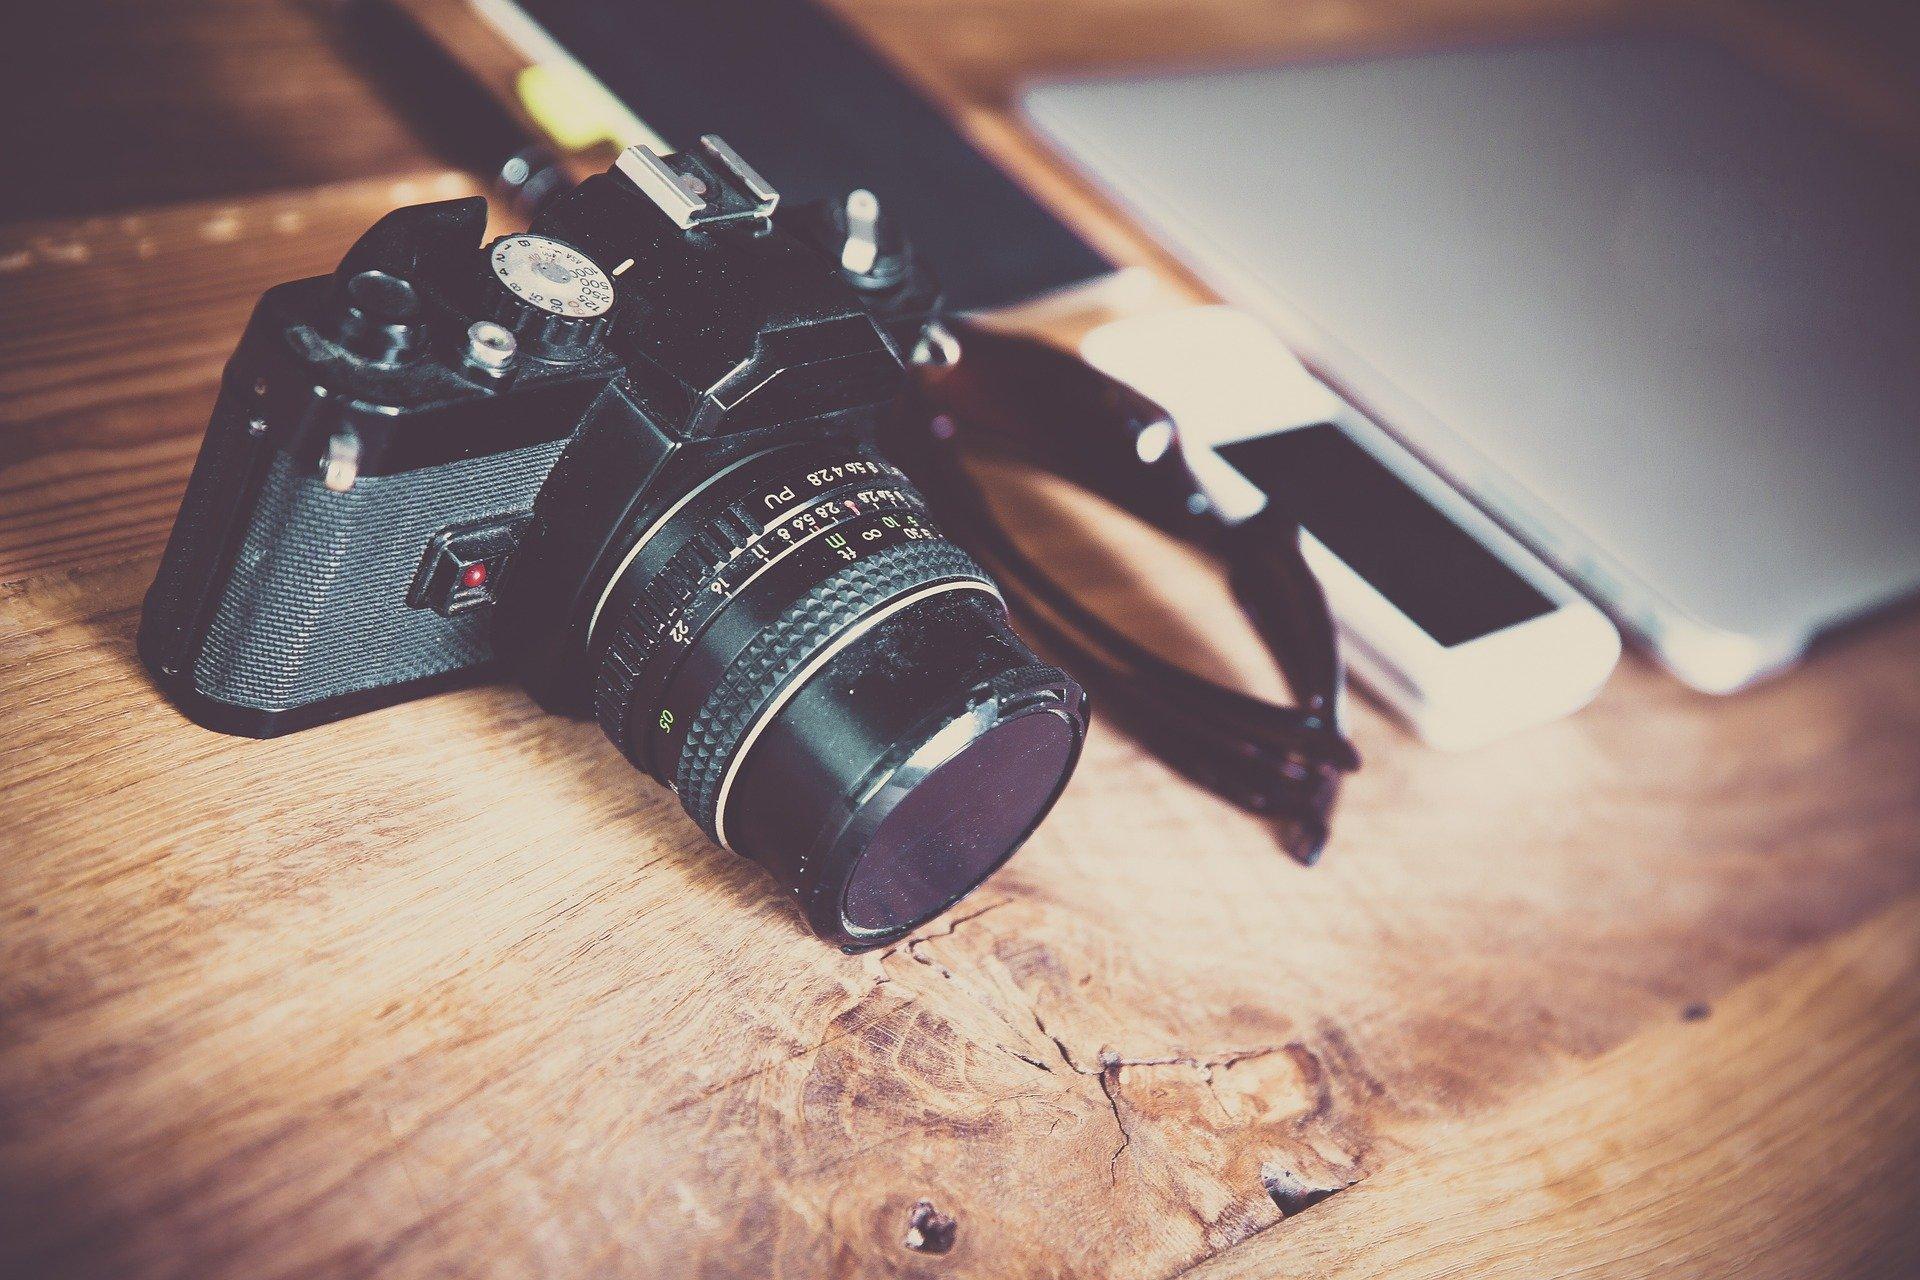 Jak powstaje obraz w fotografii cyfrowej